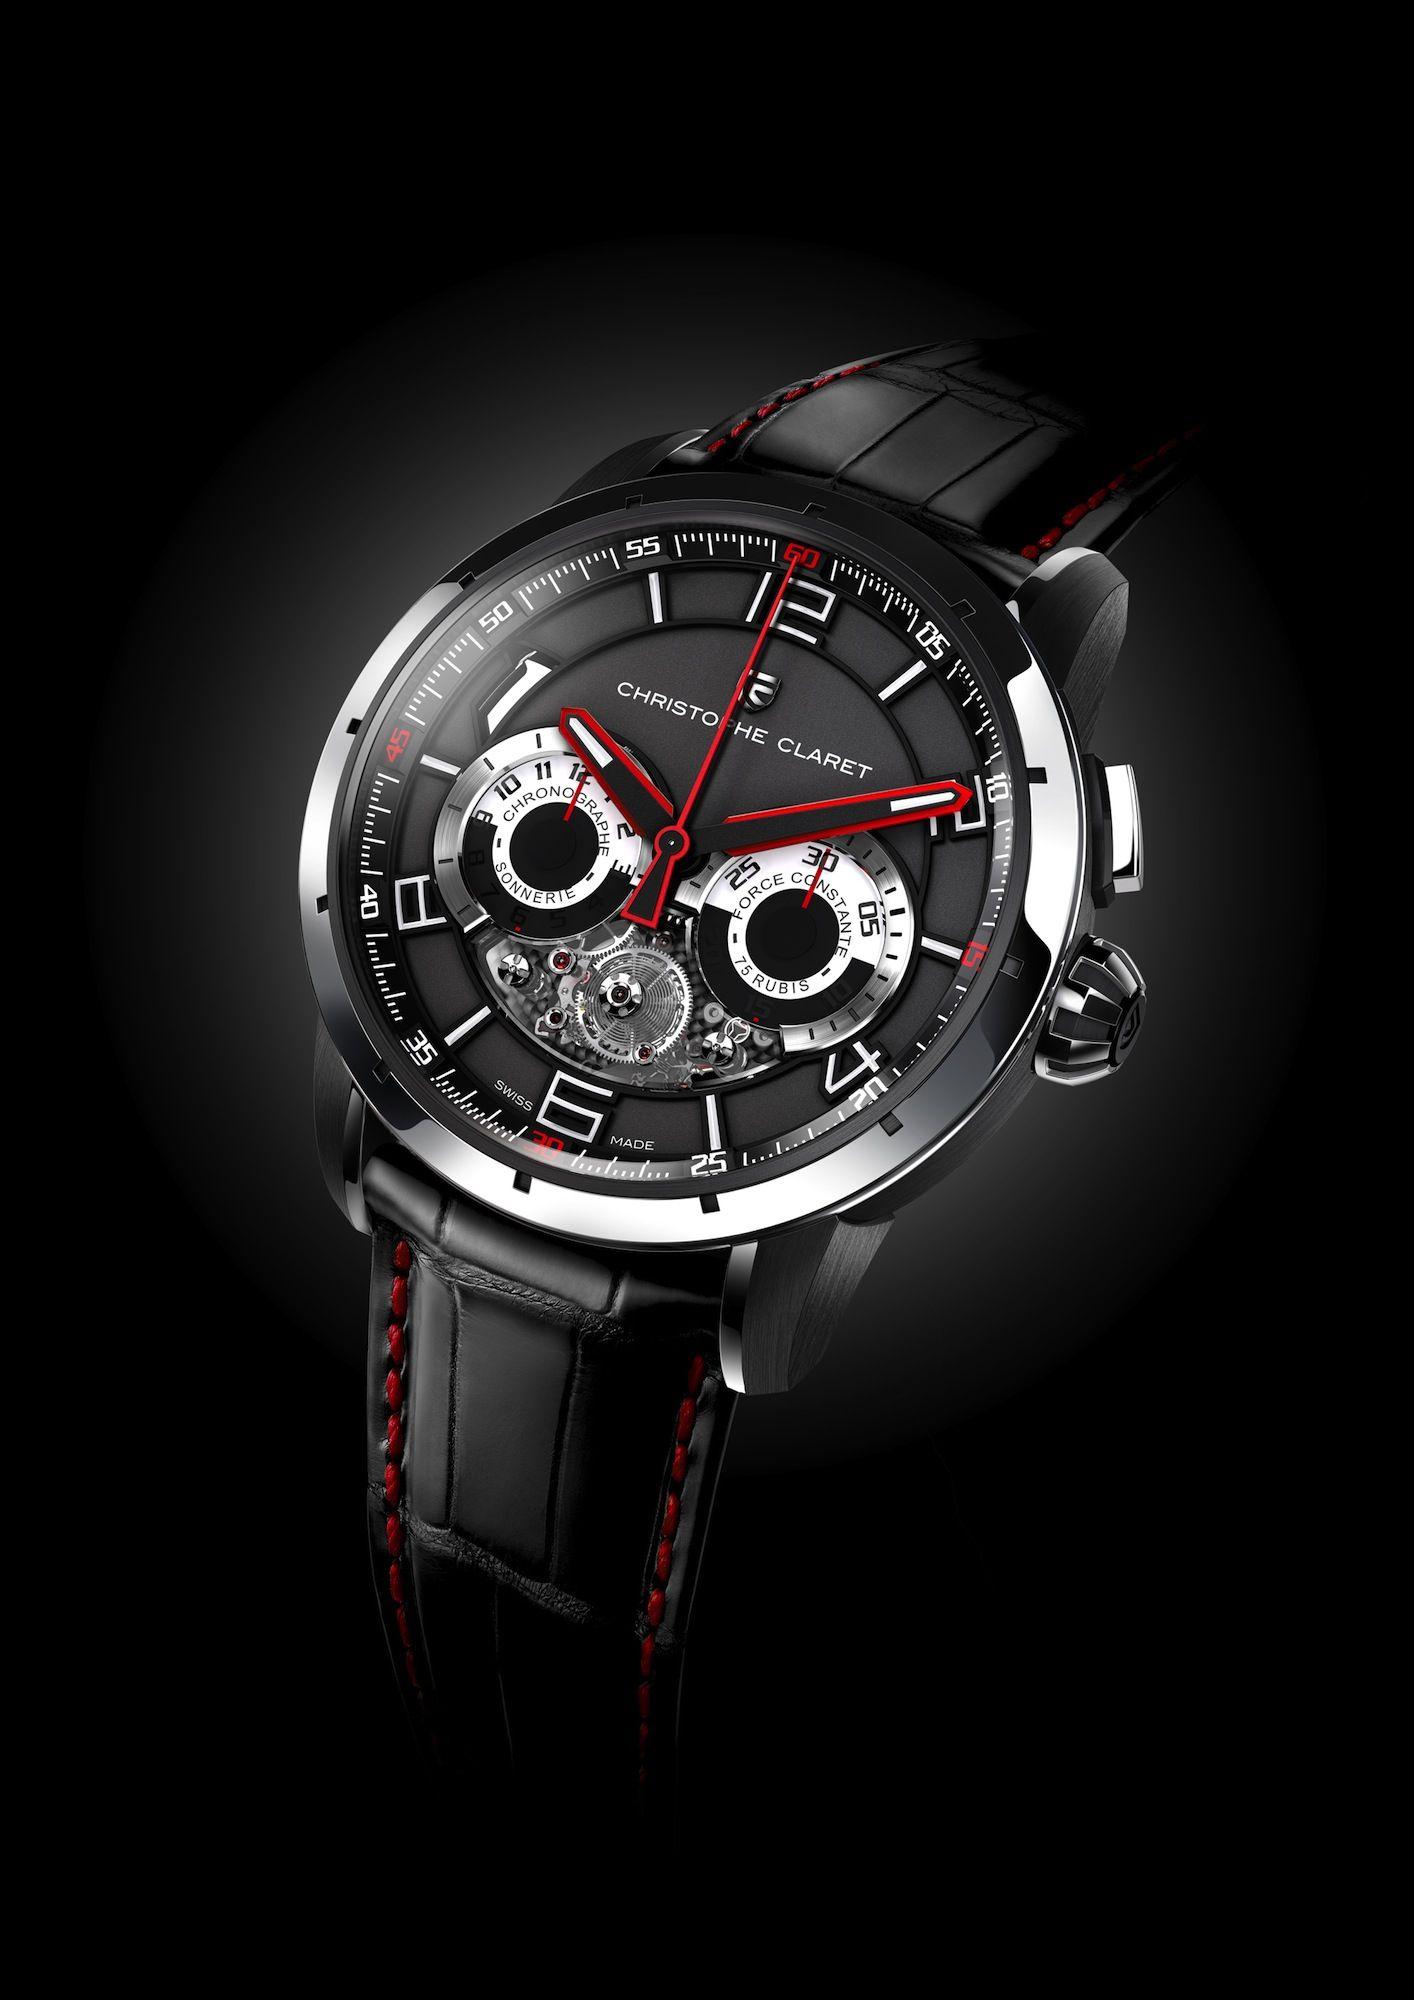 """98967adb9e1 Christophe Claret apresenta relógio inspirado no filme """"Tron  o Legado"""""""